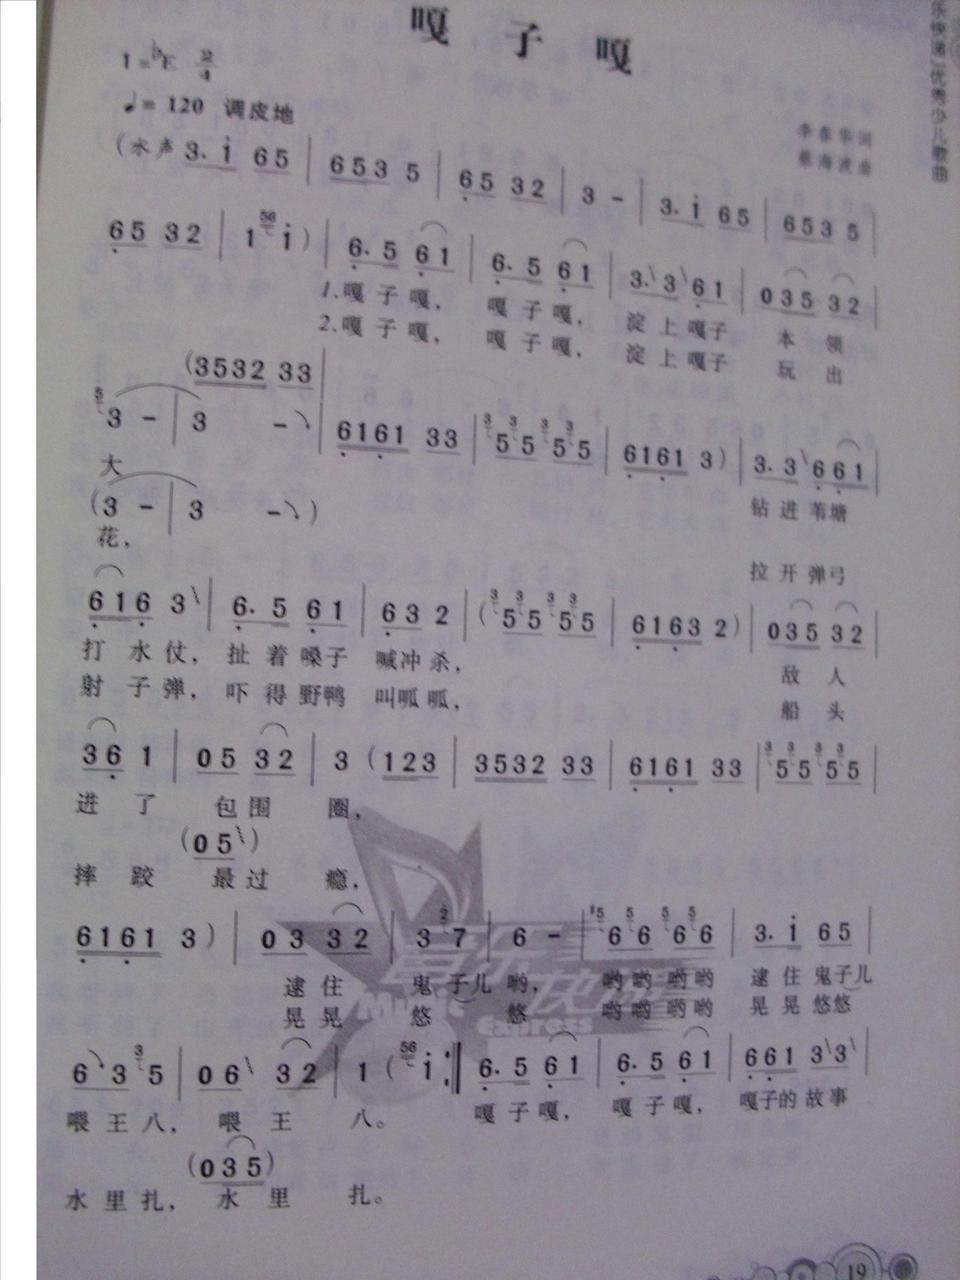 有只小燕子 简谱图片 有只小燕 儿歌小燕子钢琴谱我家的小高清图片